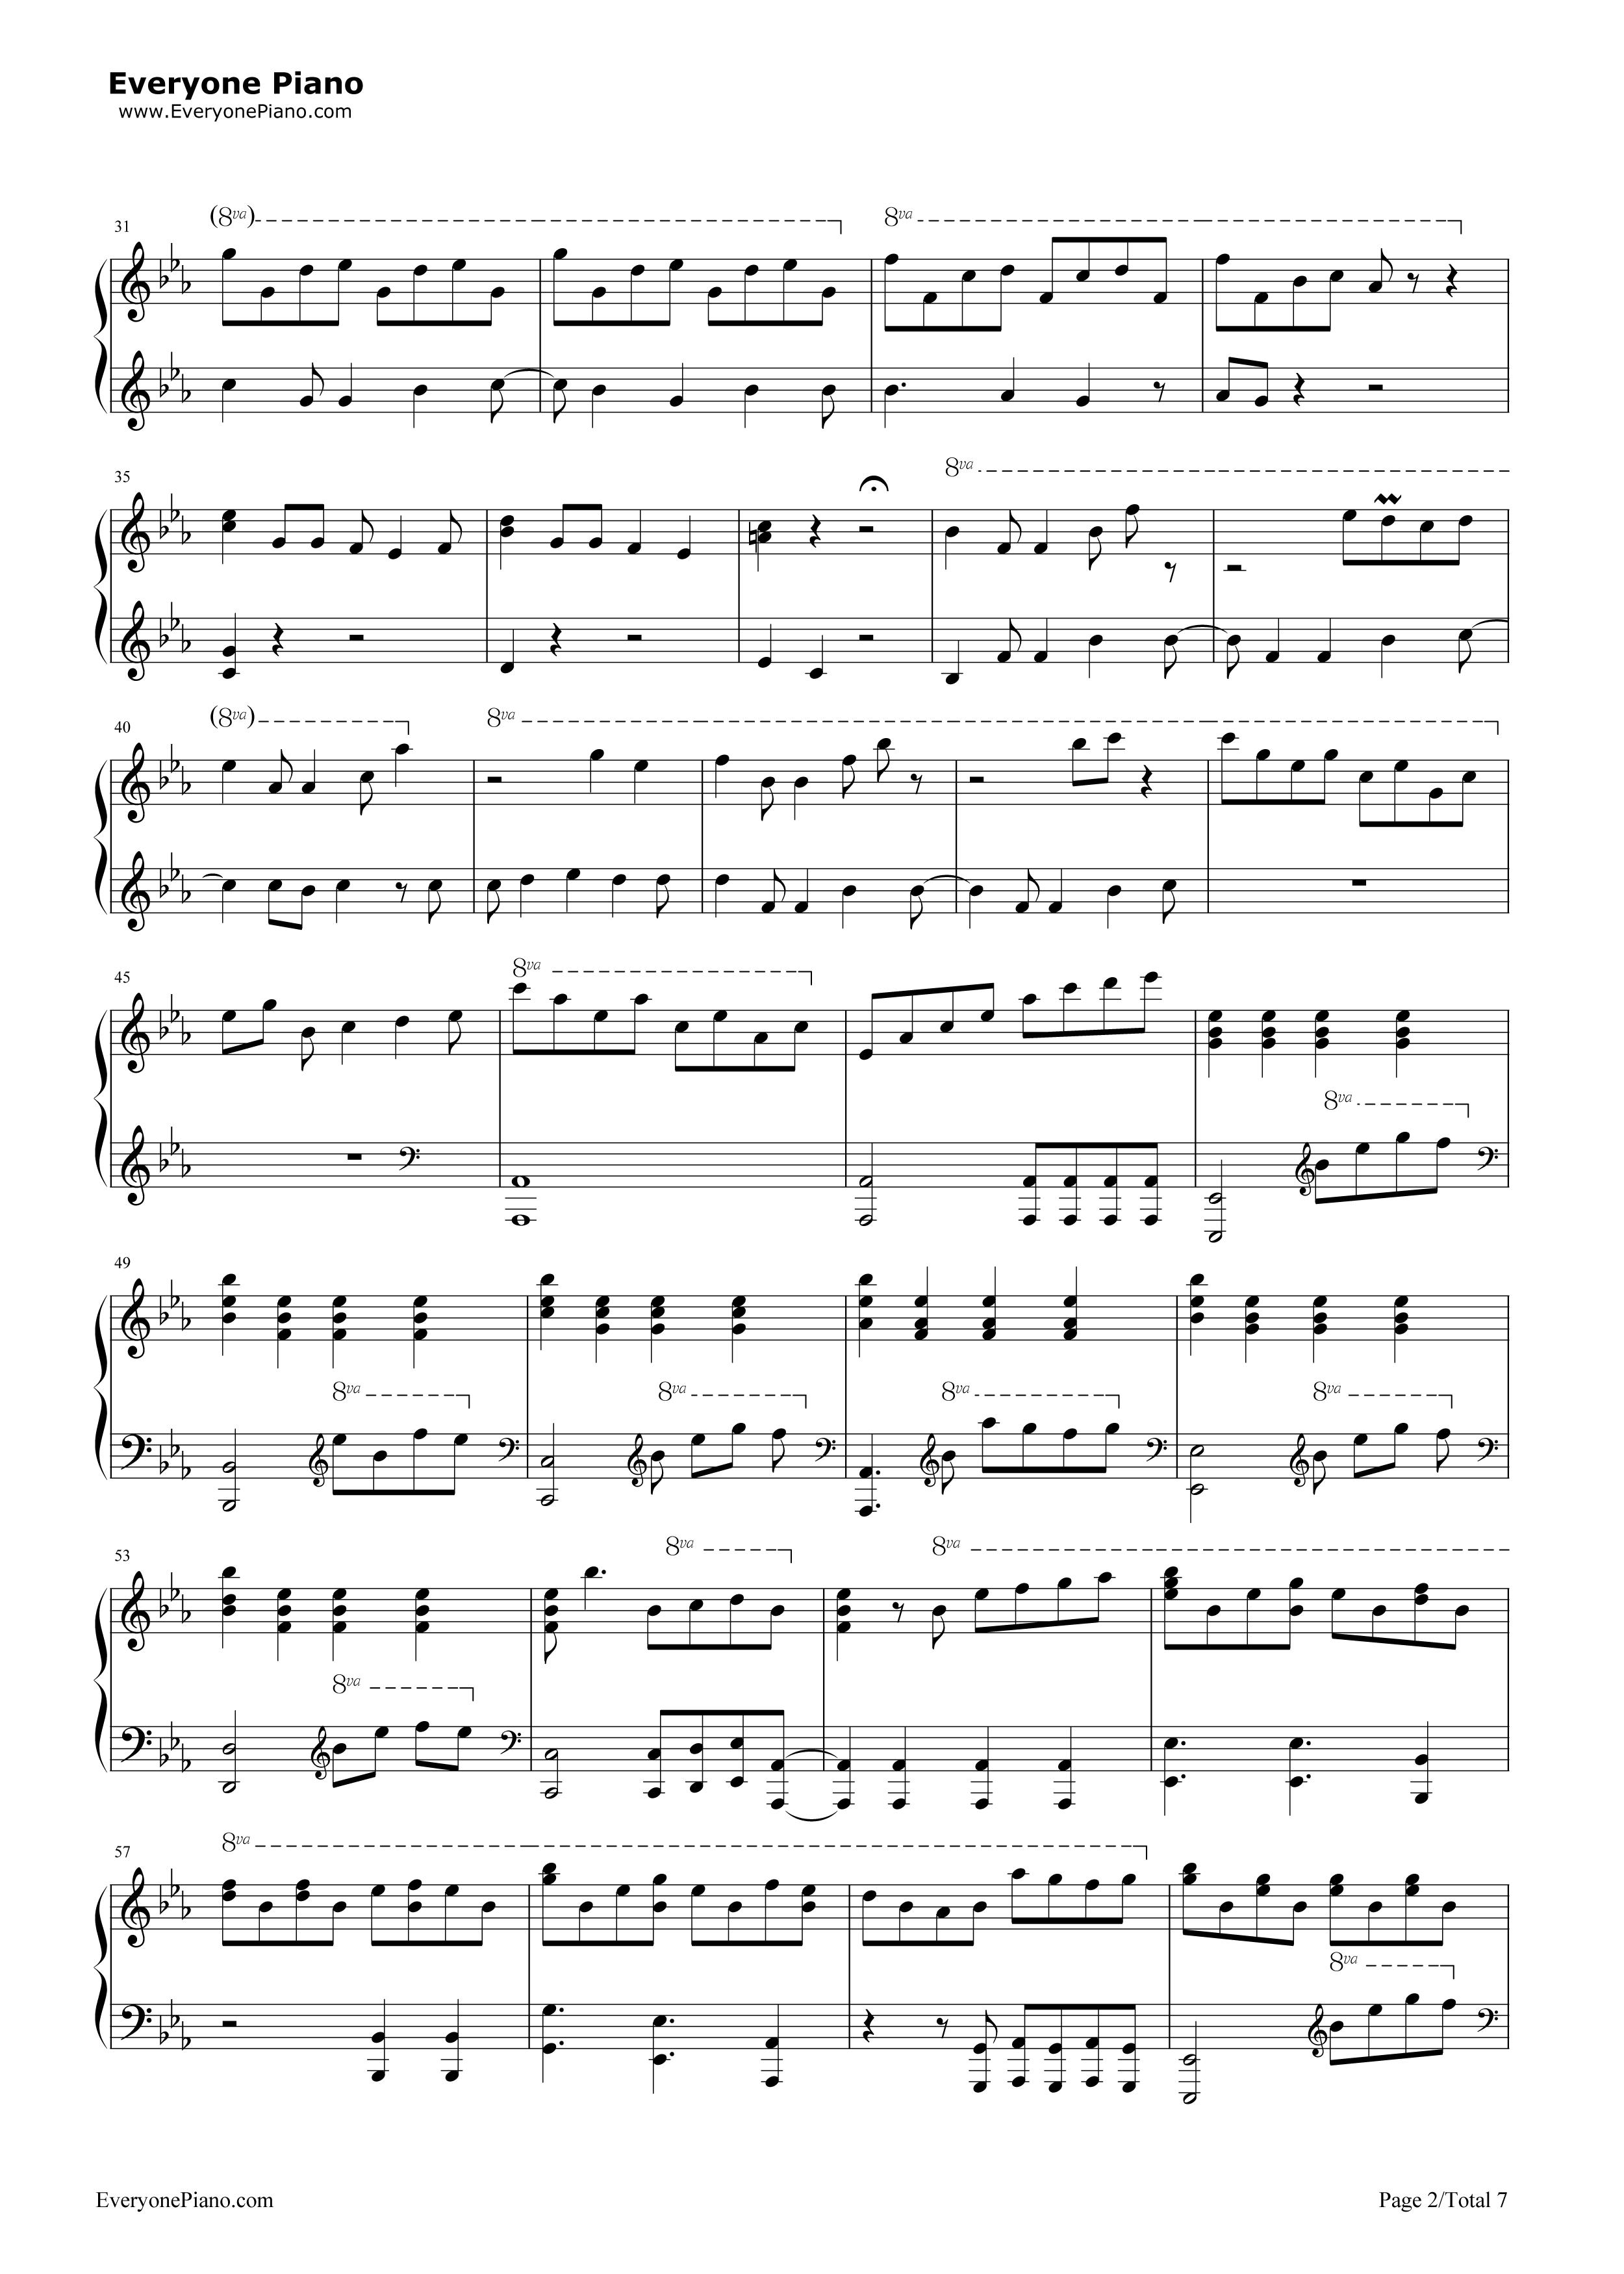 無料のピアノ楽譜ダウンロード